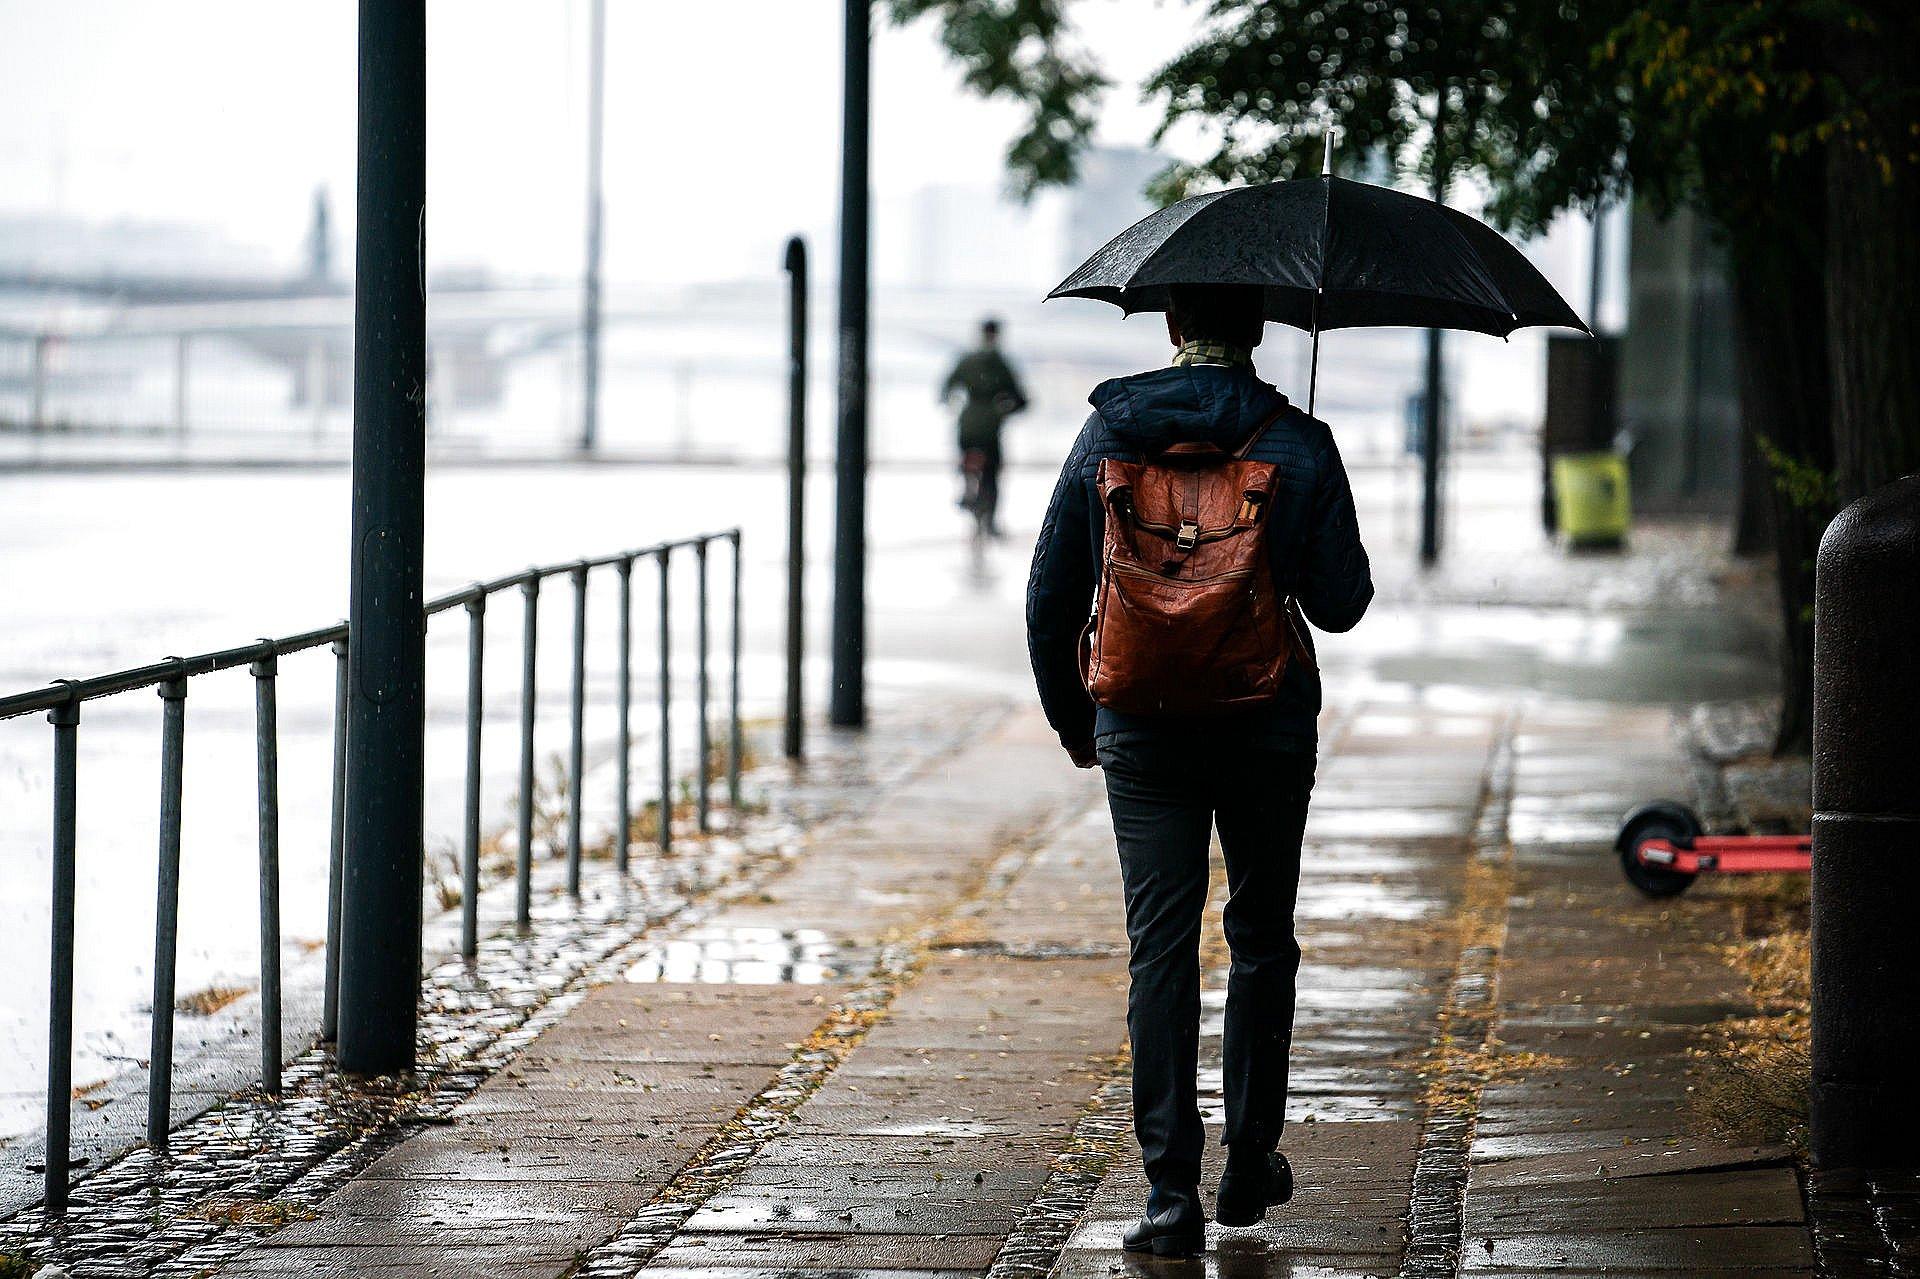 Vådt i denne uge, måske rigtig vinter igen...